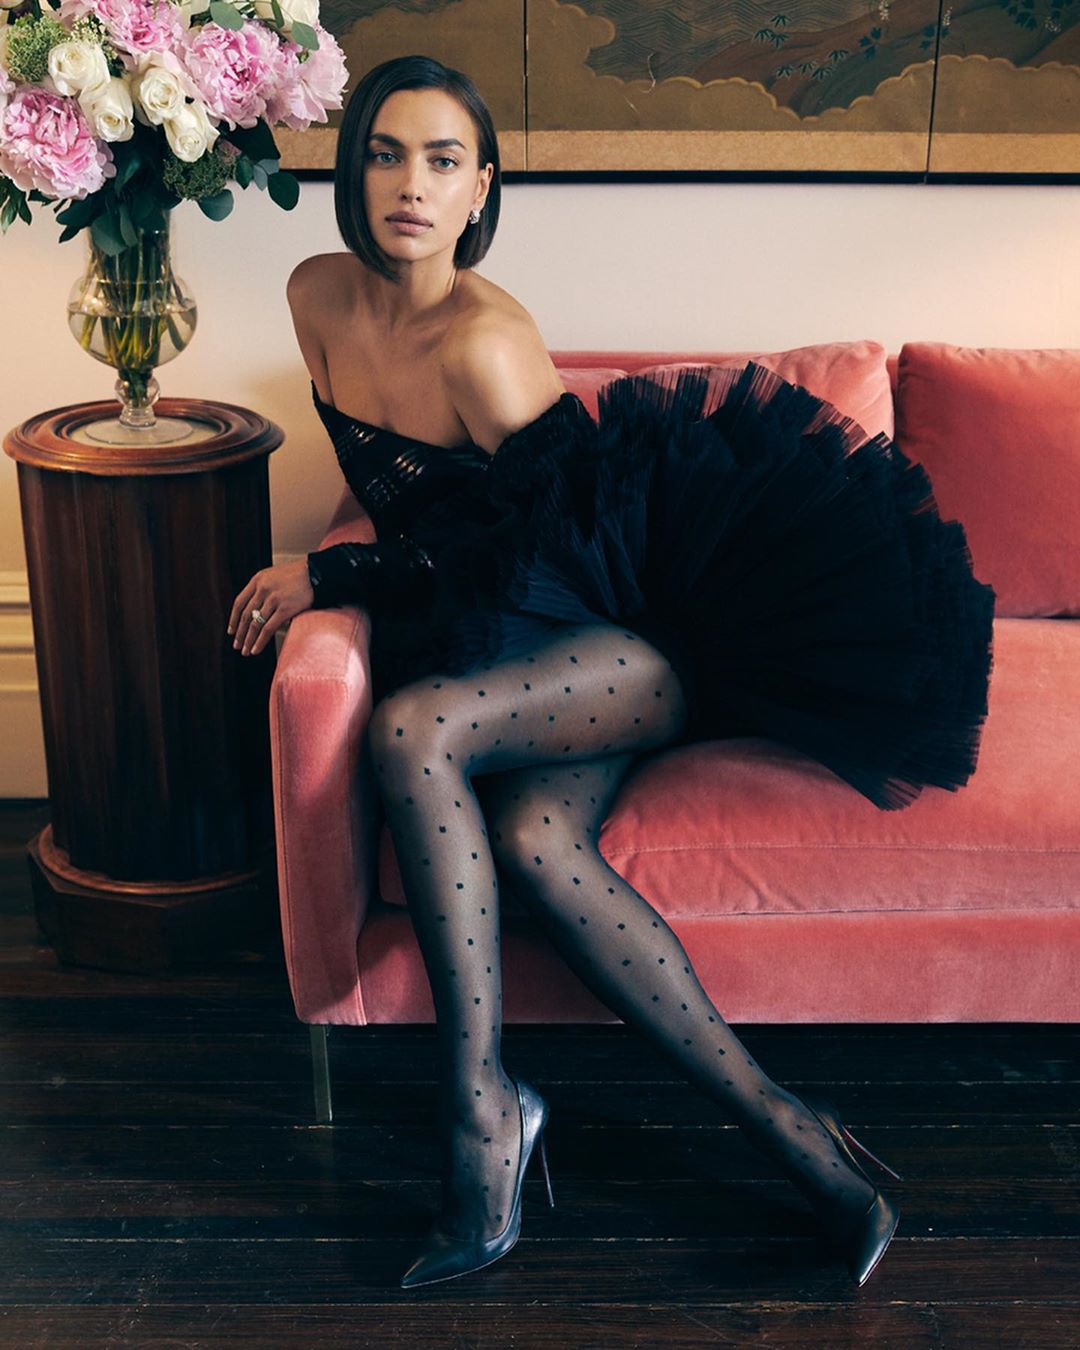 Ирина Шейк дала интервью Harper's Bazaar: о браке, хейтерах и материнс